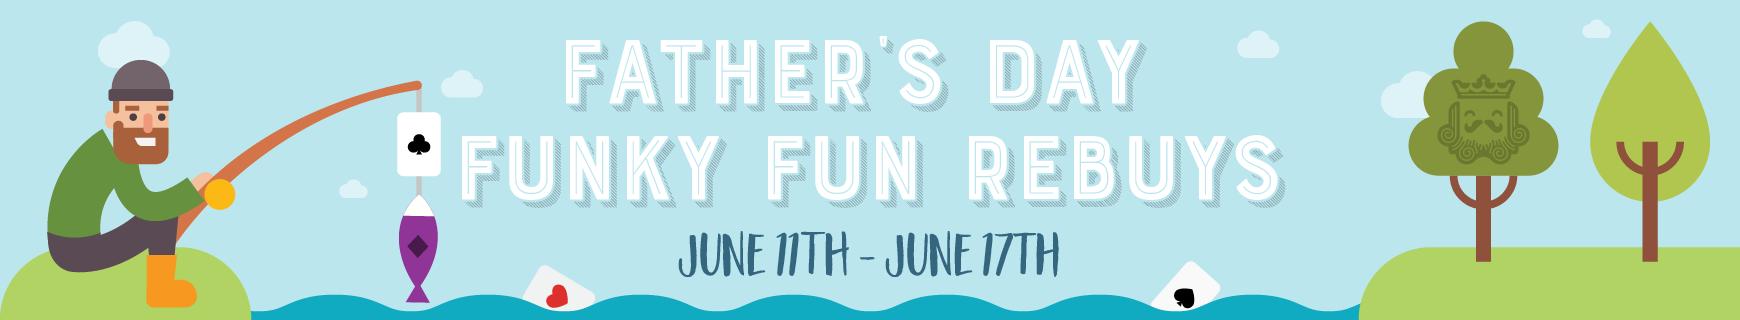 Father's day funky fun rebuys %28870 x 160%29 2x